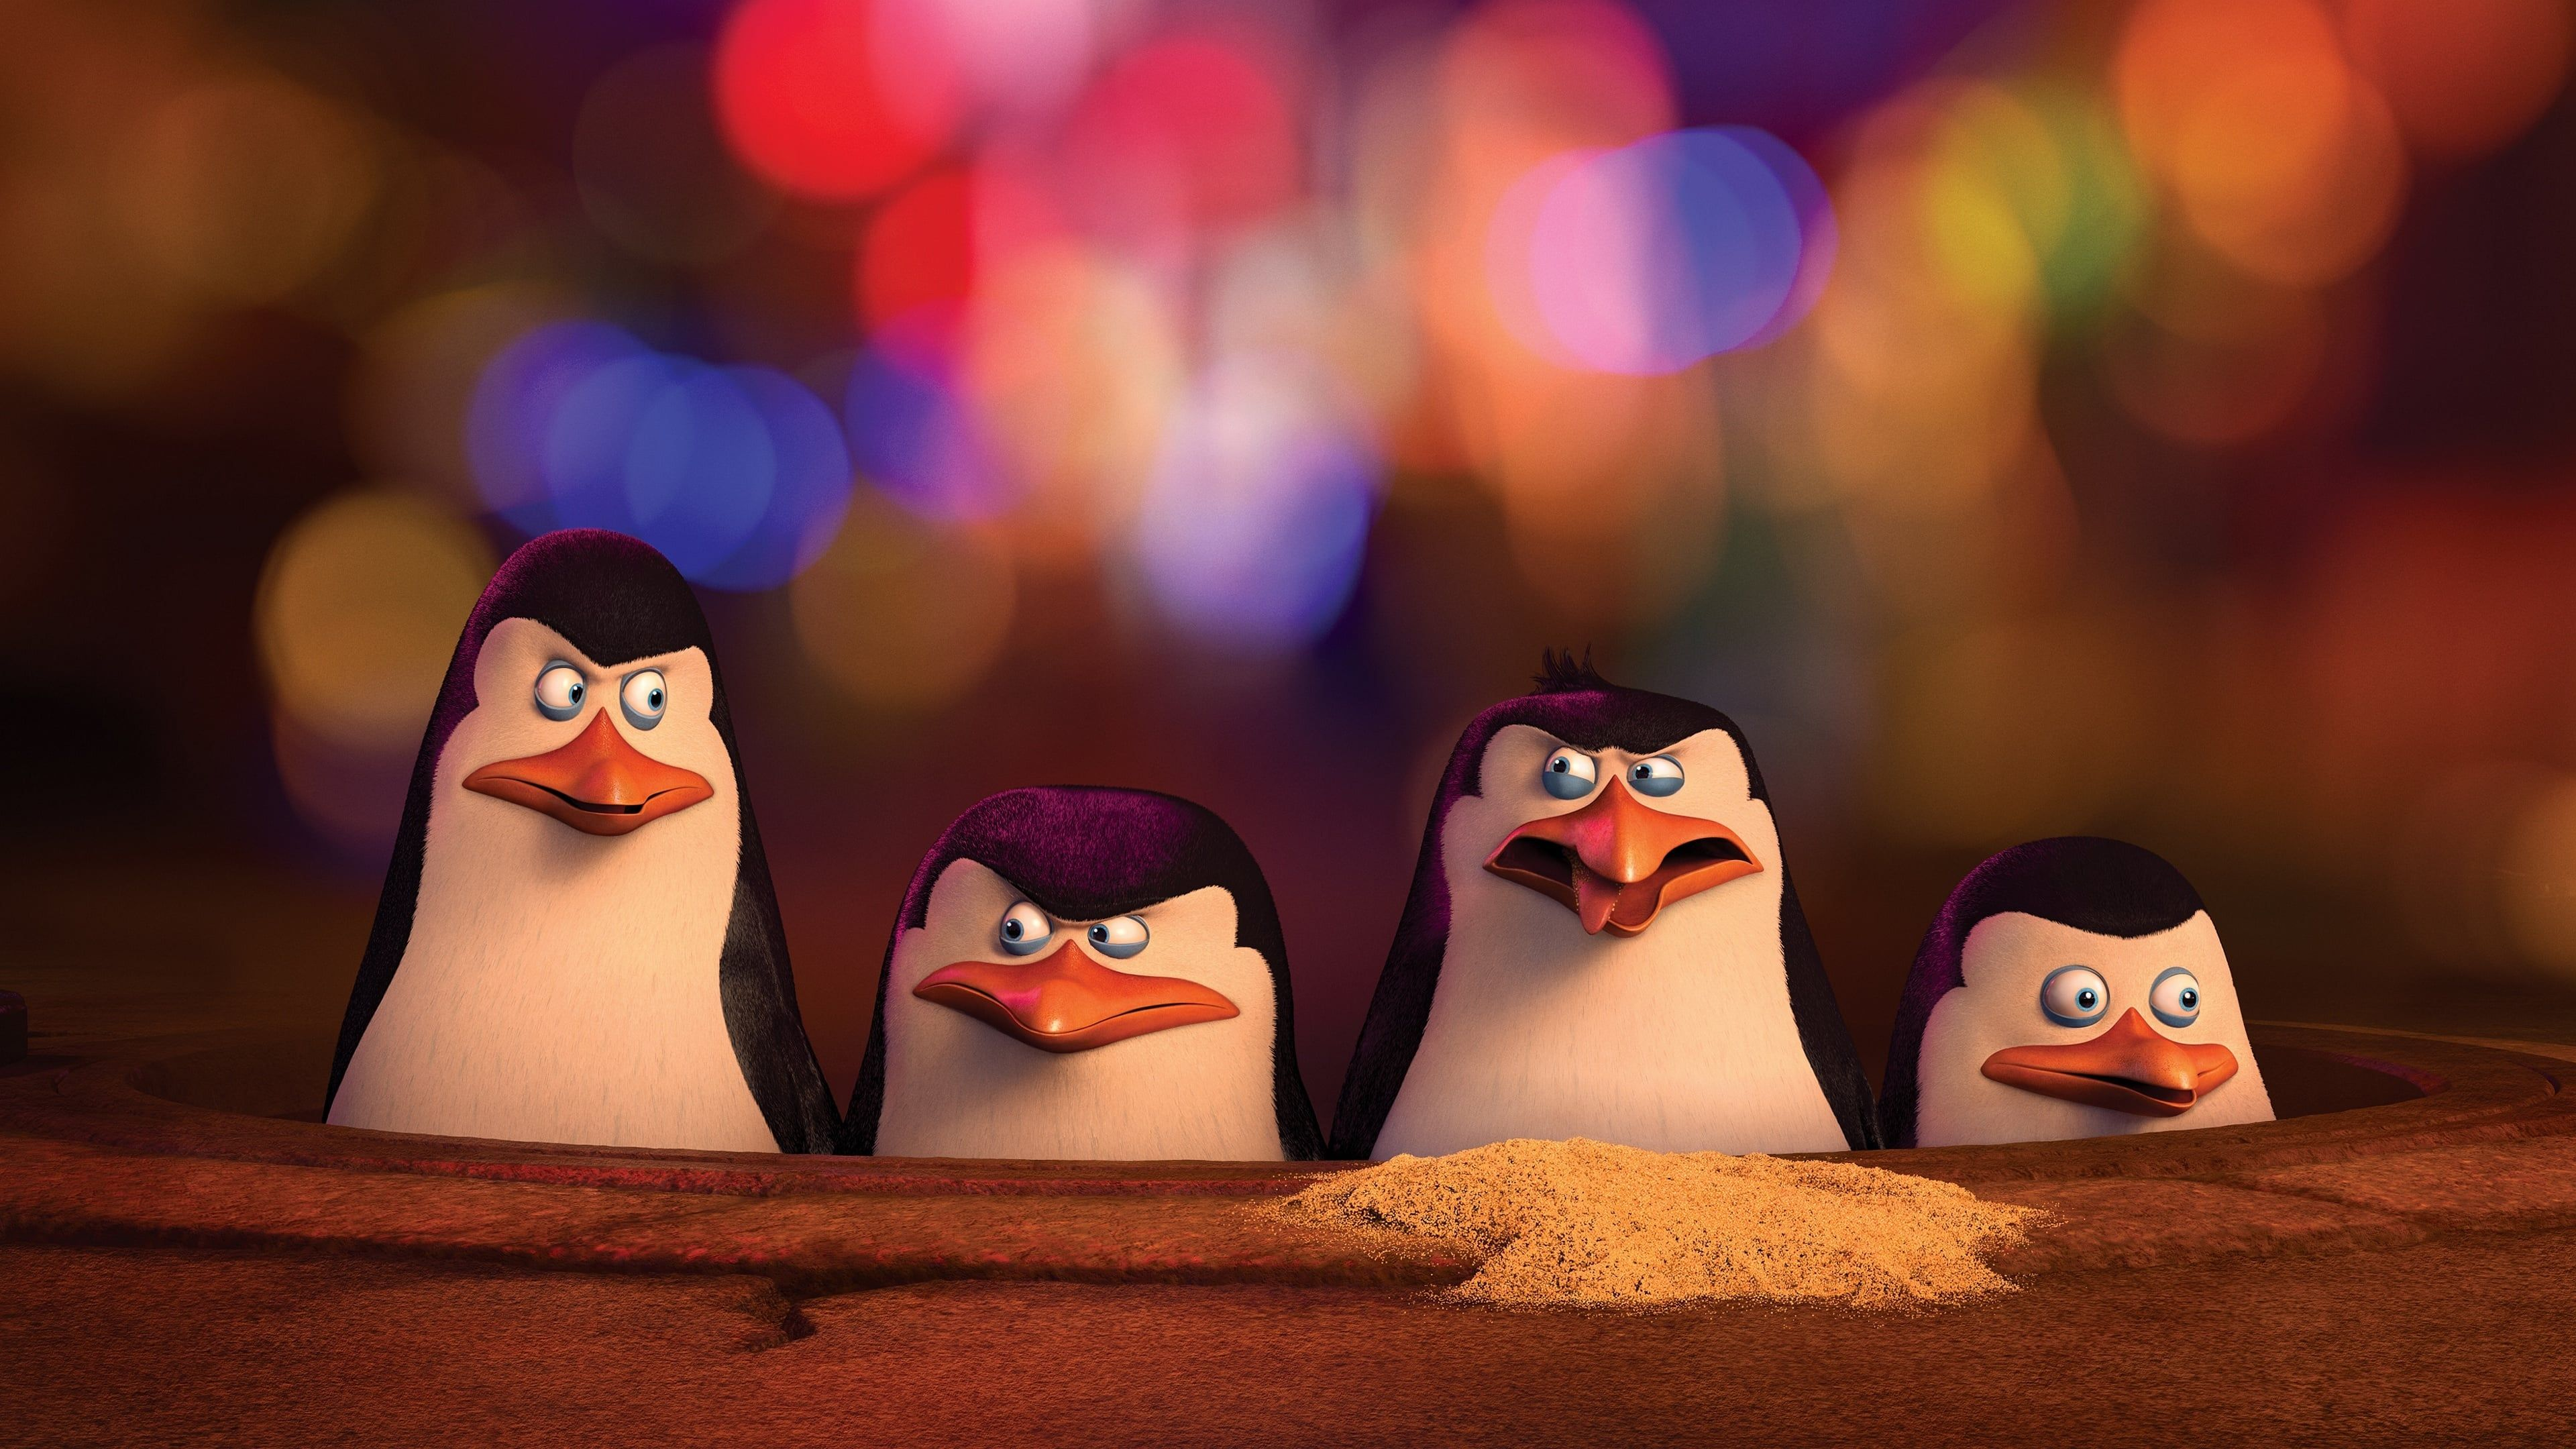 Die Pinguine Aus Madagascar 2014 Putlocker Film Complet Streaming Zehn Jahre Nachdem Skipper Kowalski Rico Madagascar Movie Penguins Of Madagascar Penguins